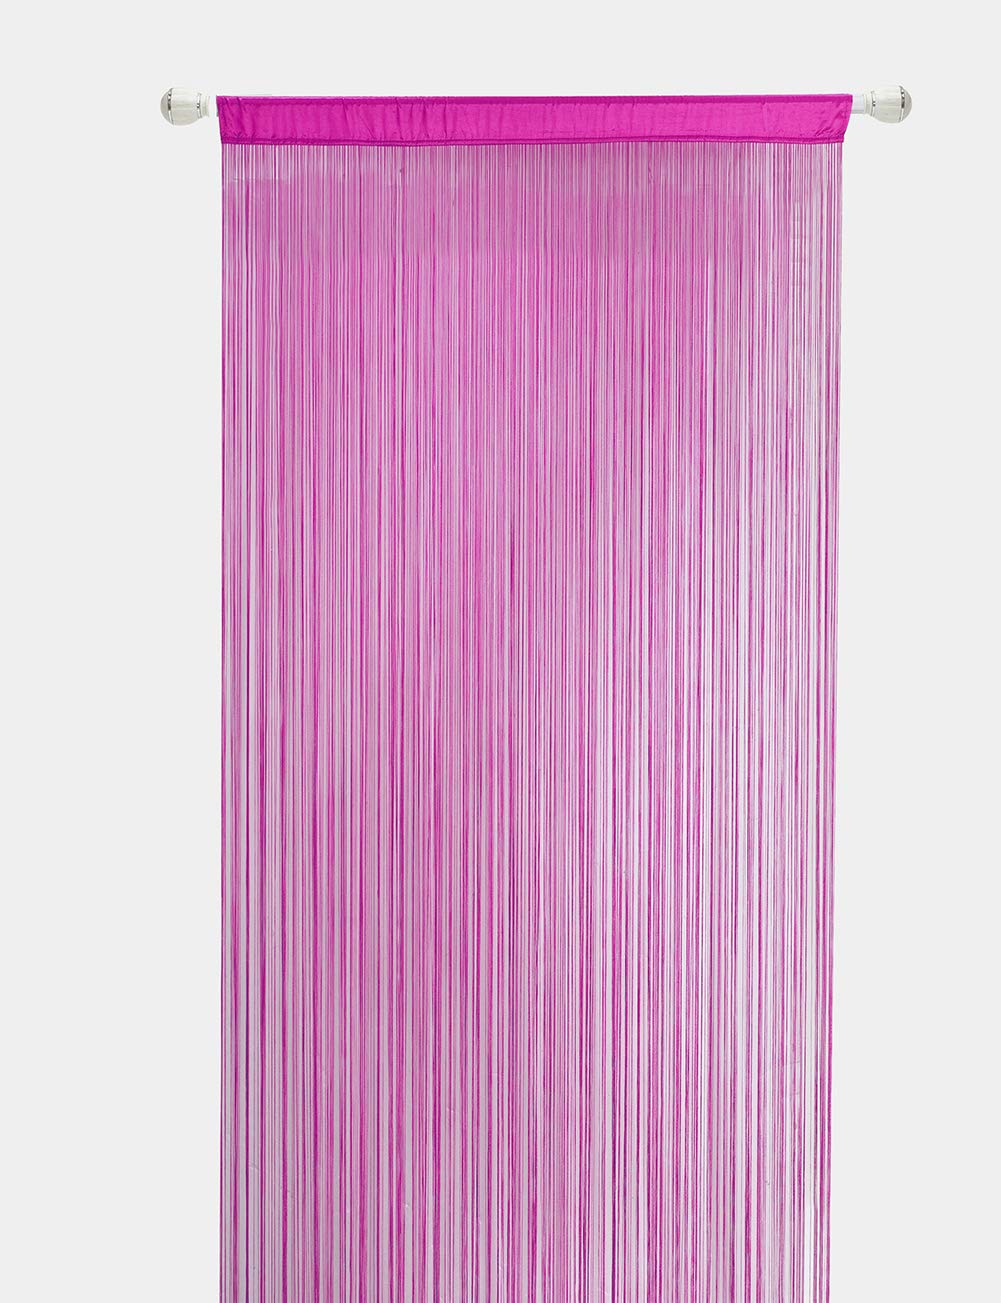 HSYLYM Fadenvorhang Schlafzimmertür, als Insektenvorhang Oder Raumteiler verwendbar, Polyester, Pink, 90x200cm